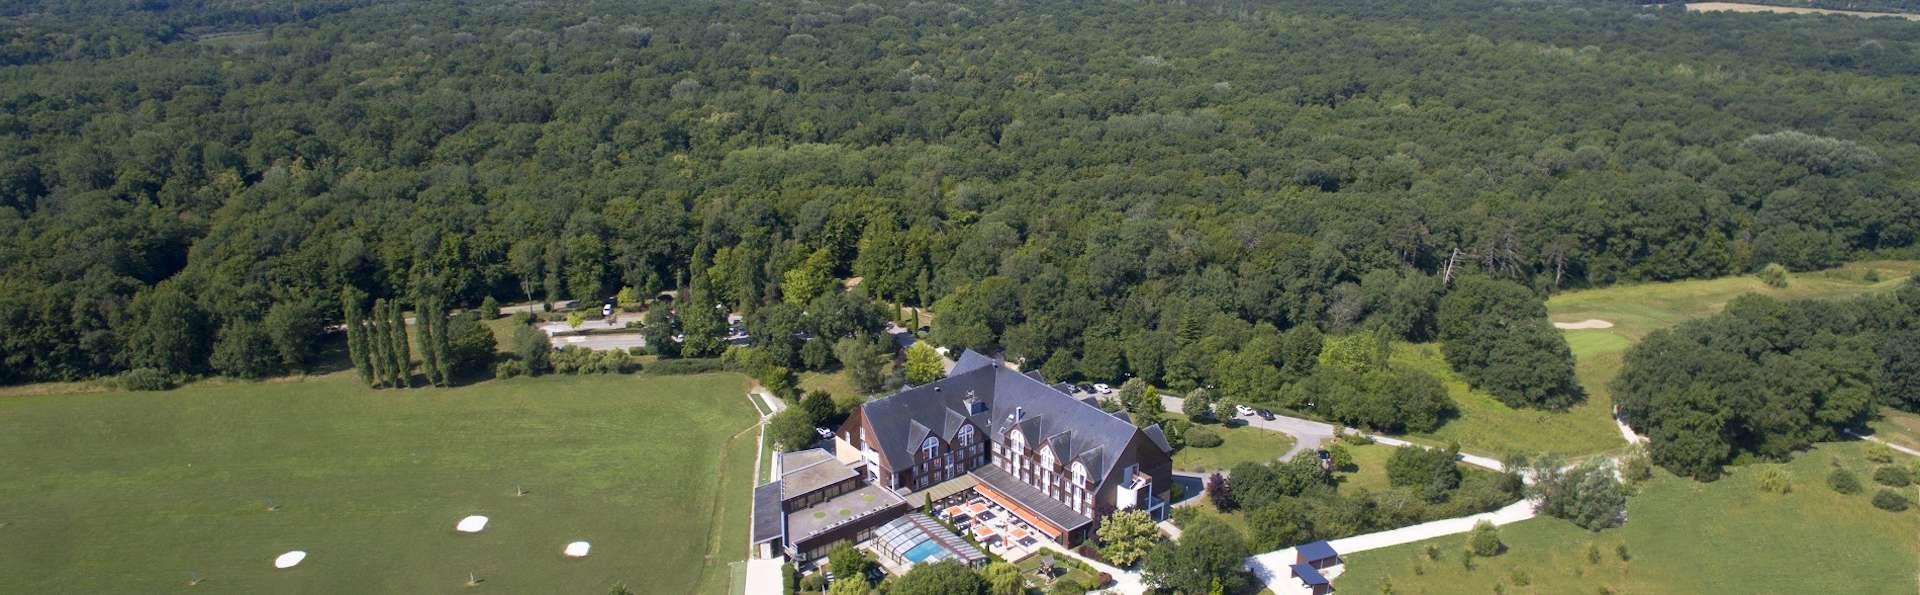 Domaine de la Foret d'Orient - Natur'Hotel Golf & Spa - vue_aerienne_domaine_foret_orient_-_1900.jpg